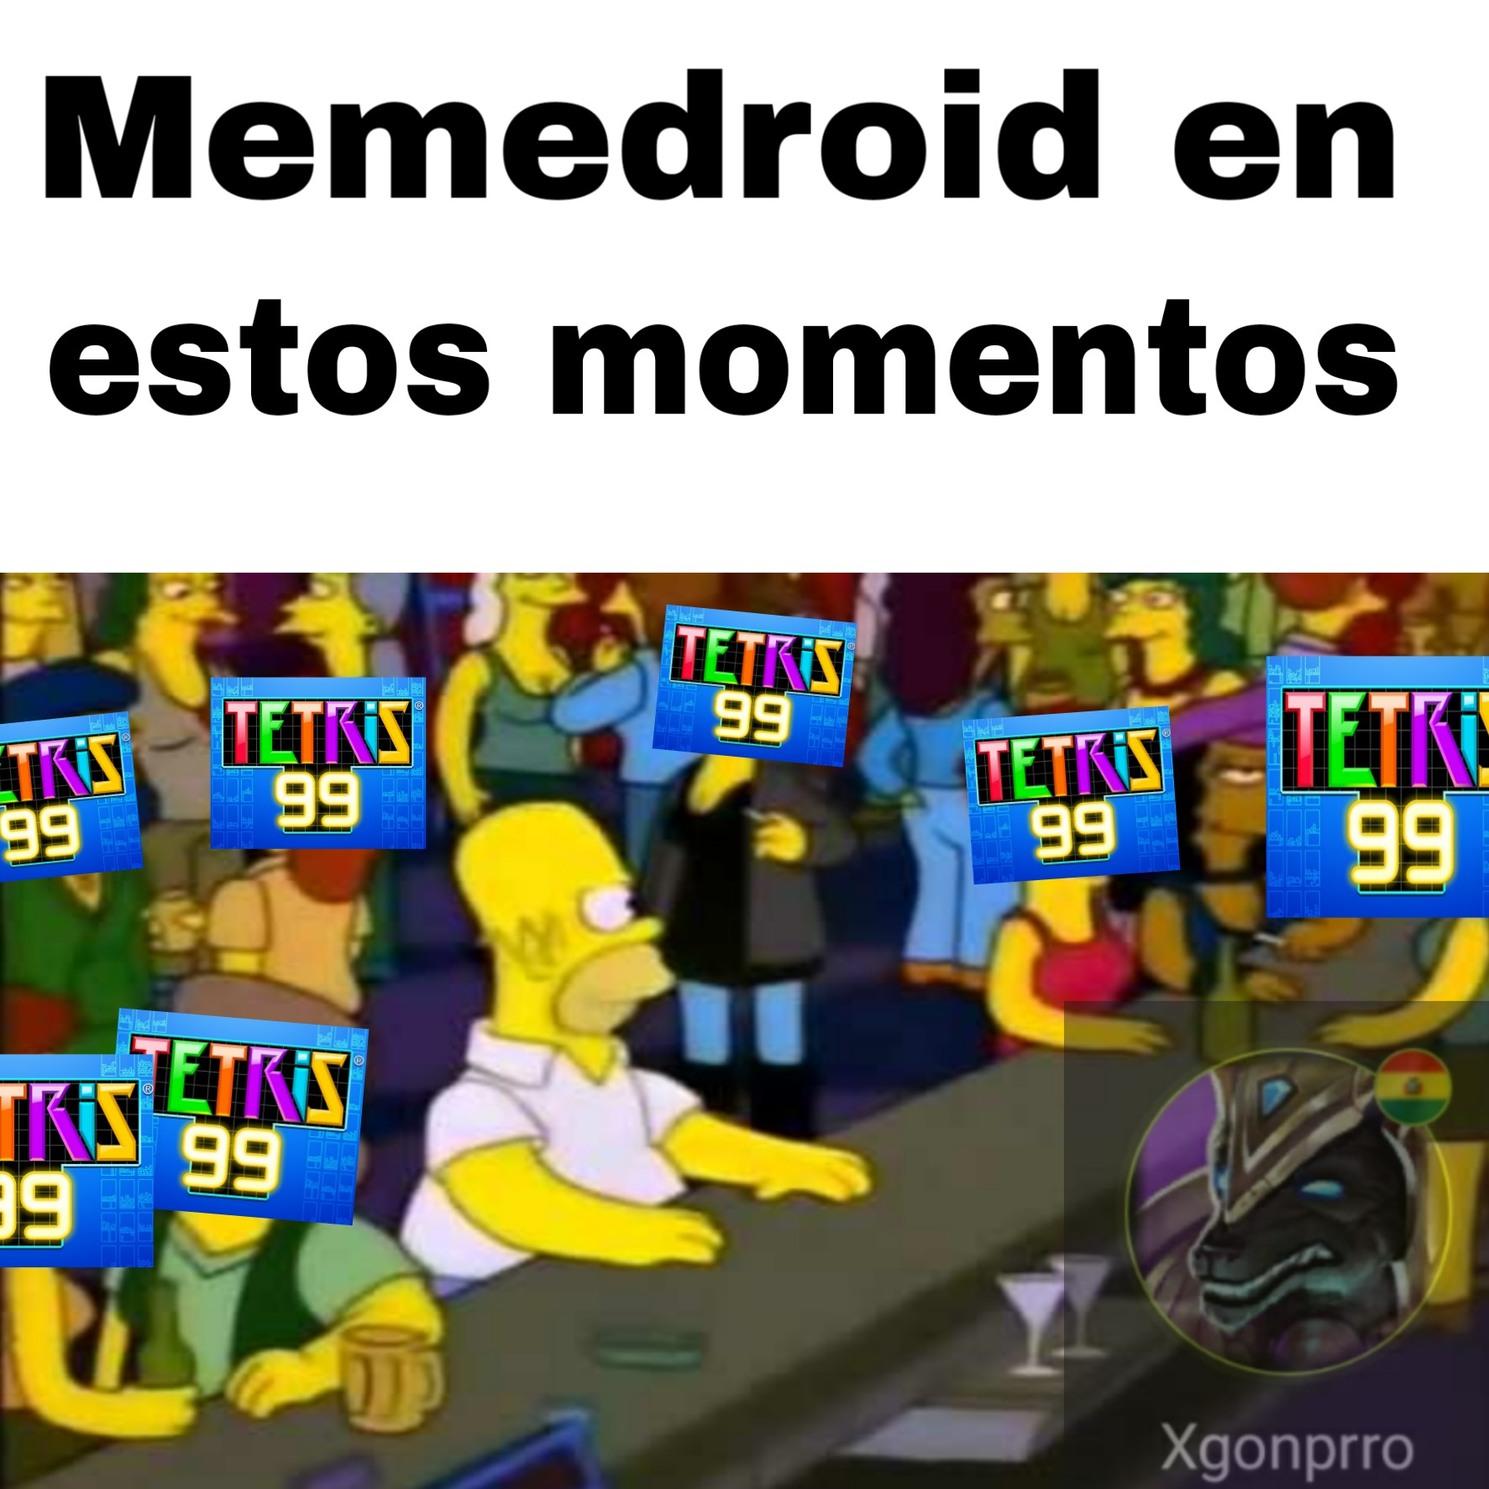 Tetris se robo el titulo - meme